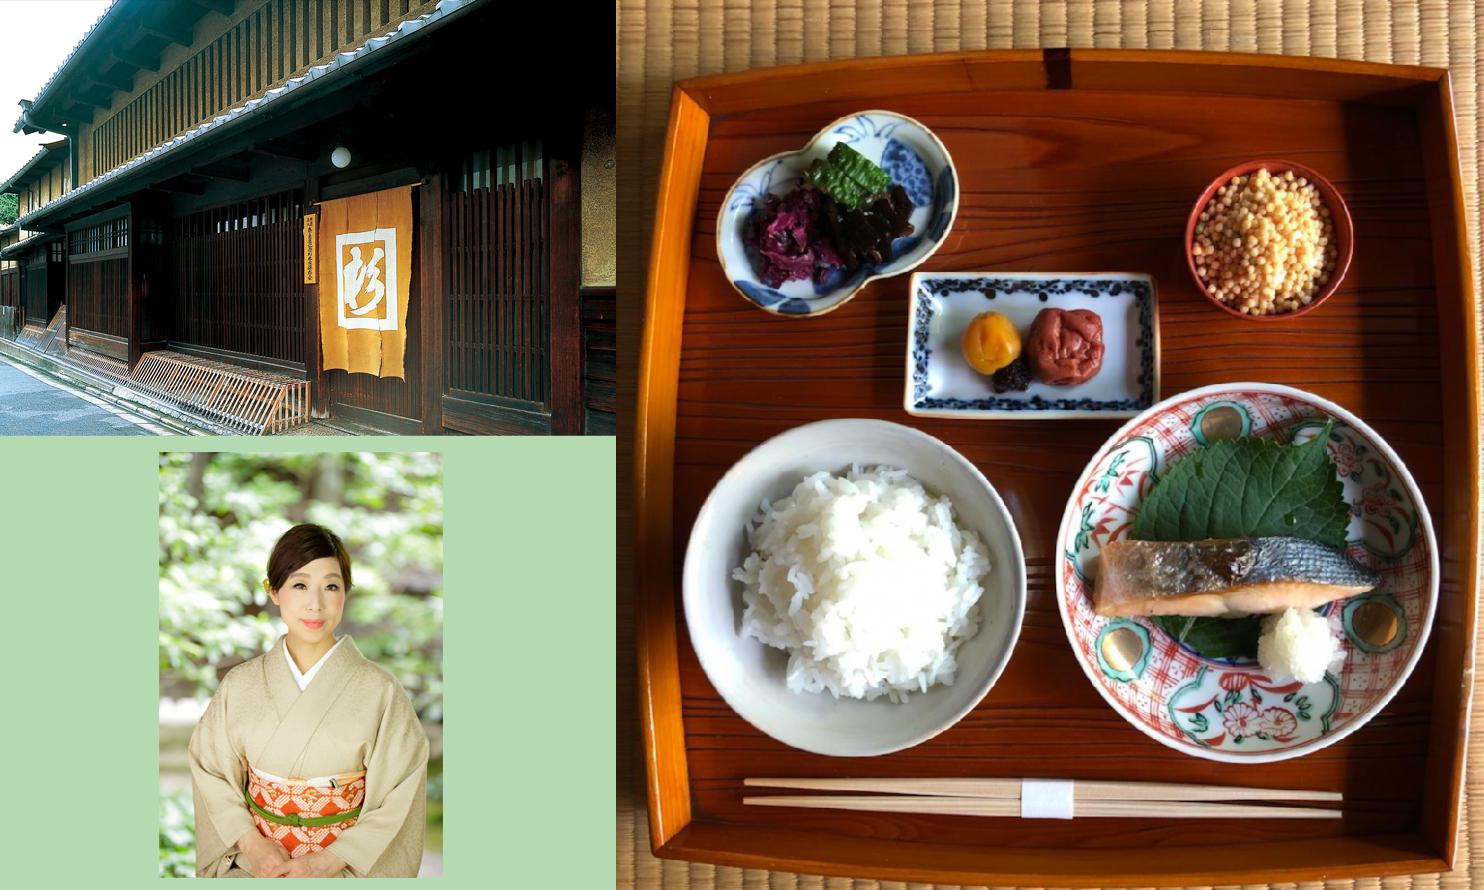 http://www.kyoto-obanzai.jp/blog/upimages/2020/07/202007asakatsu1.jpg